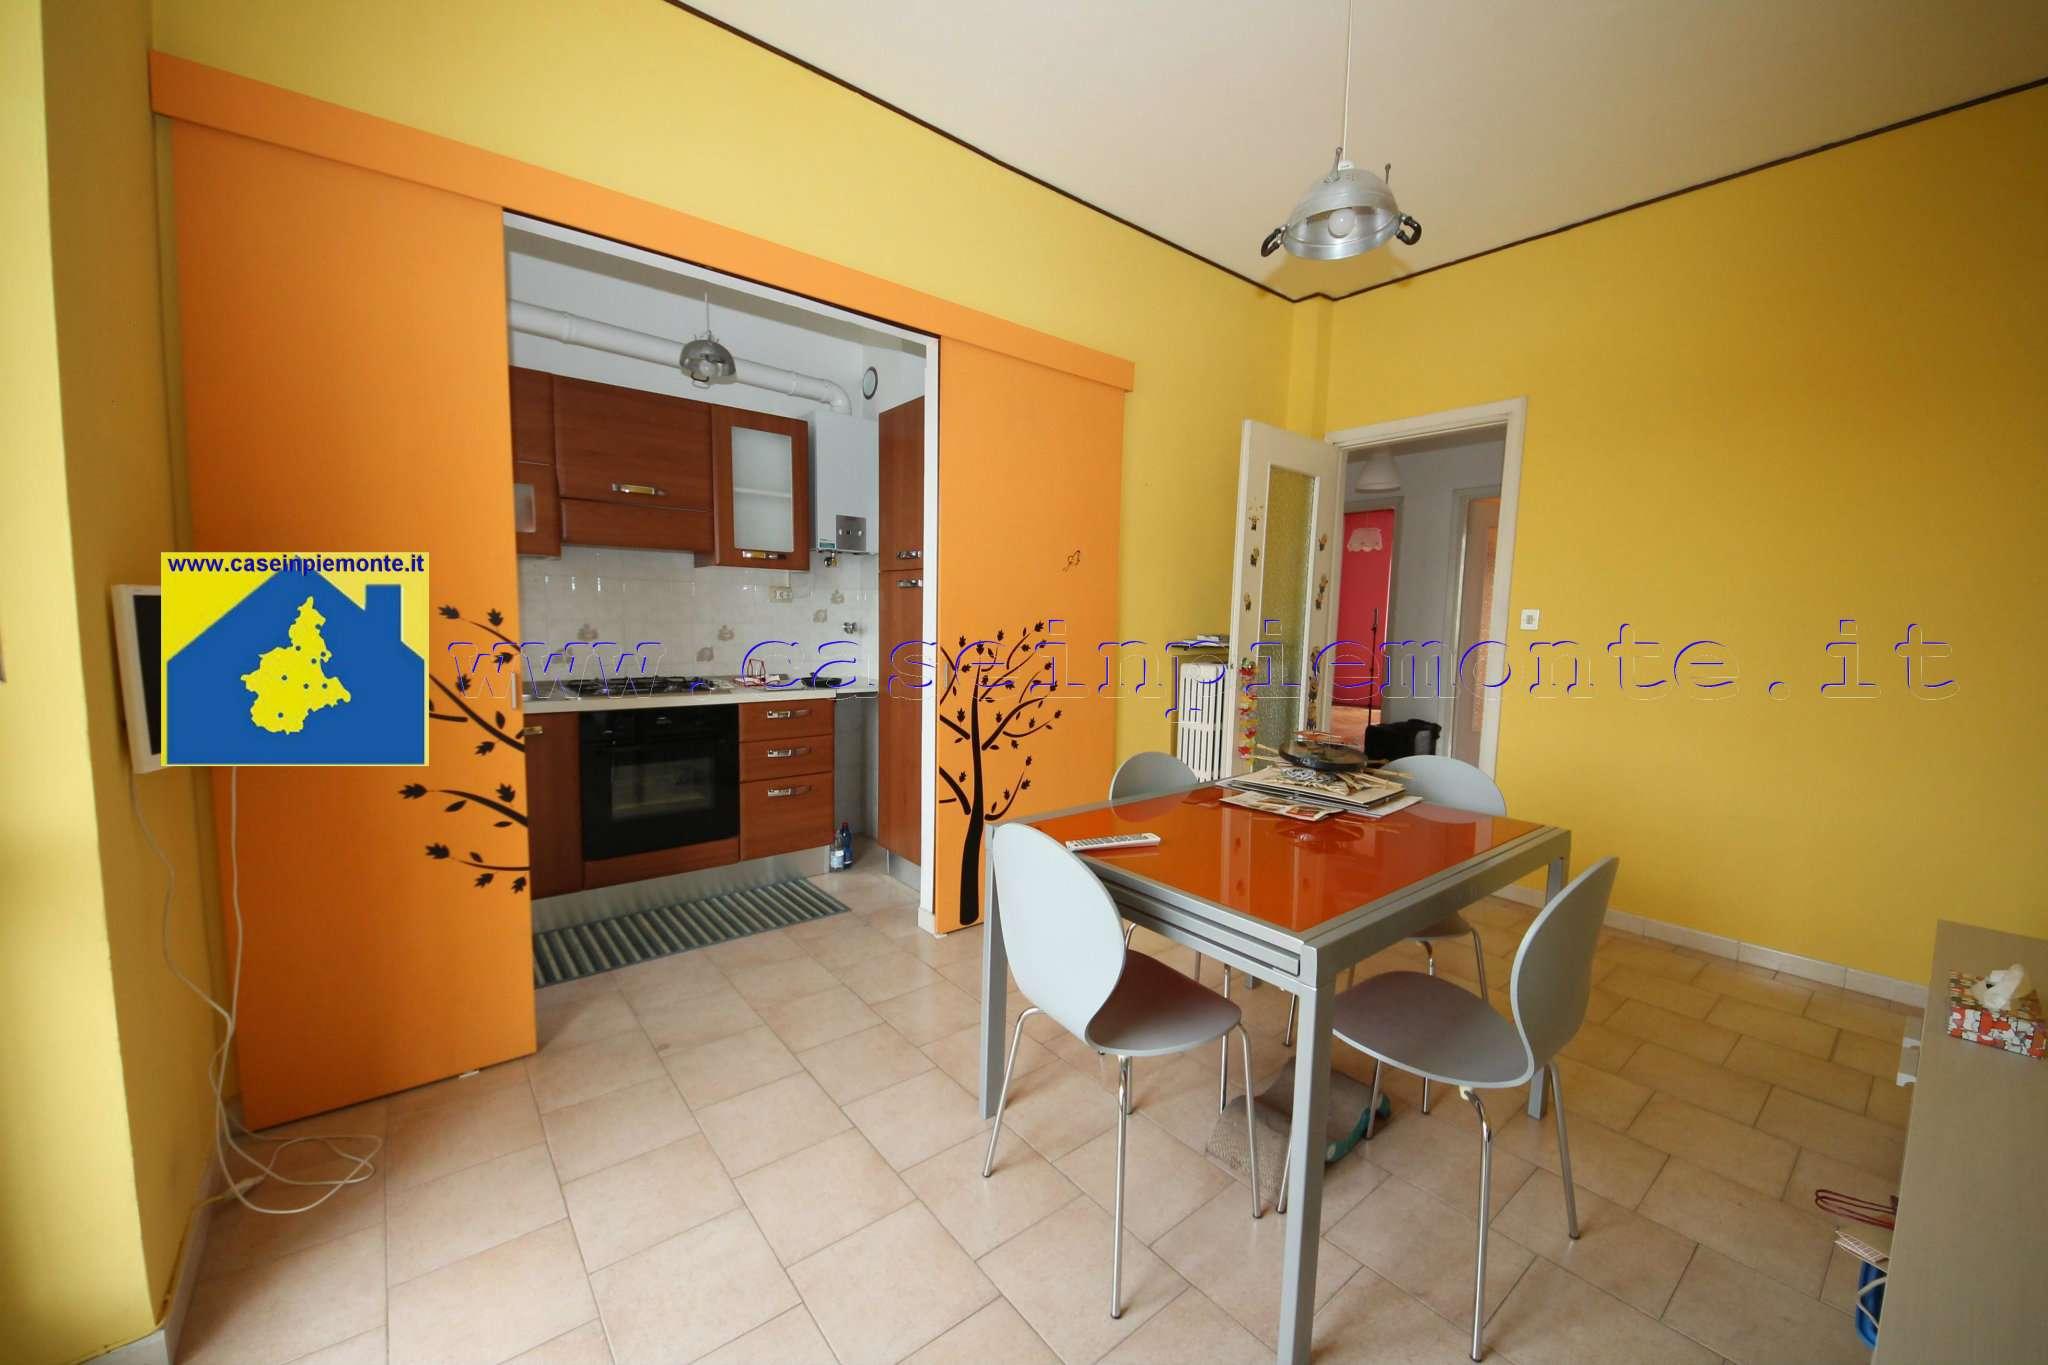 Appartamento in vendita a Alpignano, 3 locali, prezzo € 105.000 | CambioCasa.it